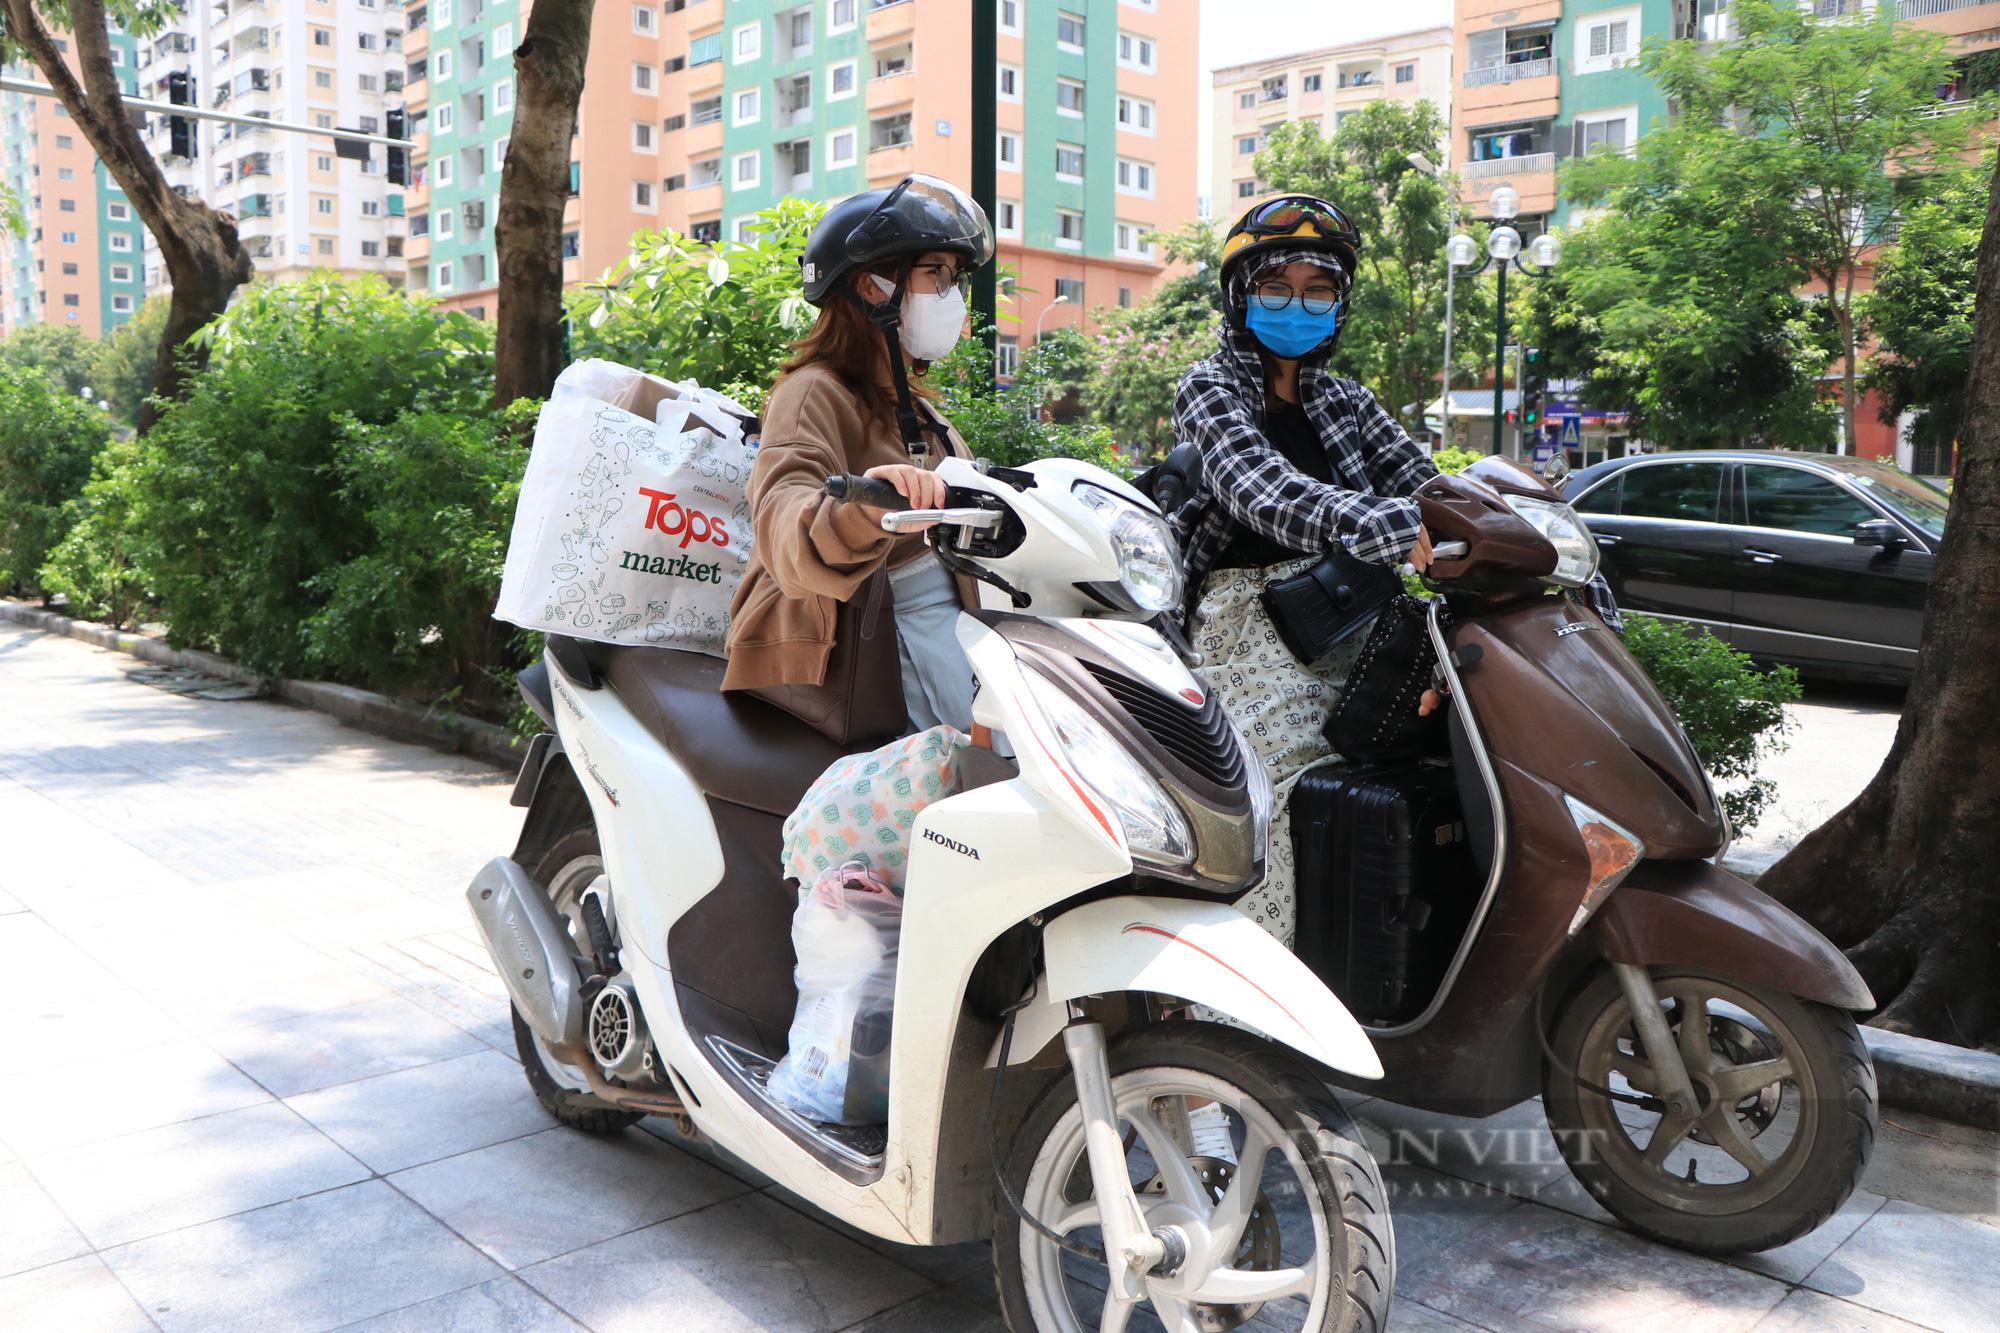 Hàng trăm sinh viên Hà Nội xuyên trưa đội nắng chuyển phòng, nhường chỗ ở làm nơi cách ly Covid-19 - Ảnh 4.